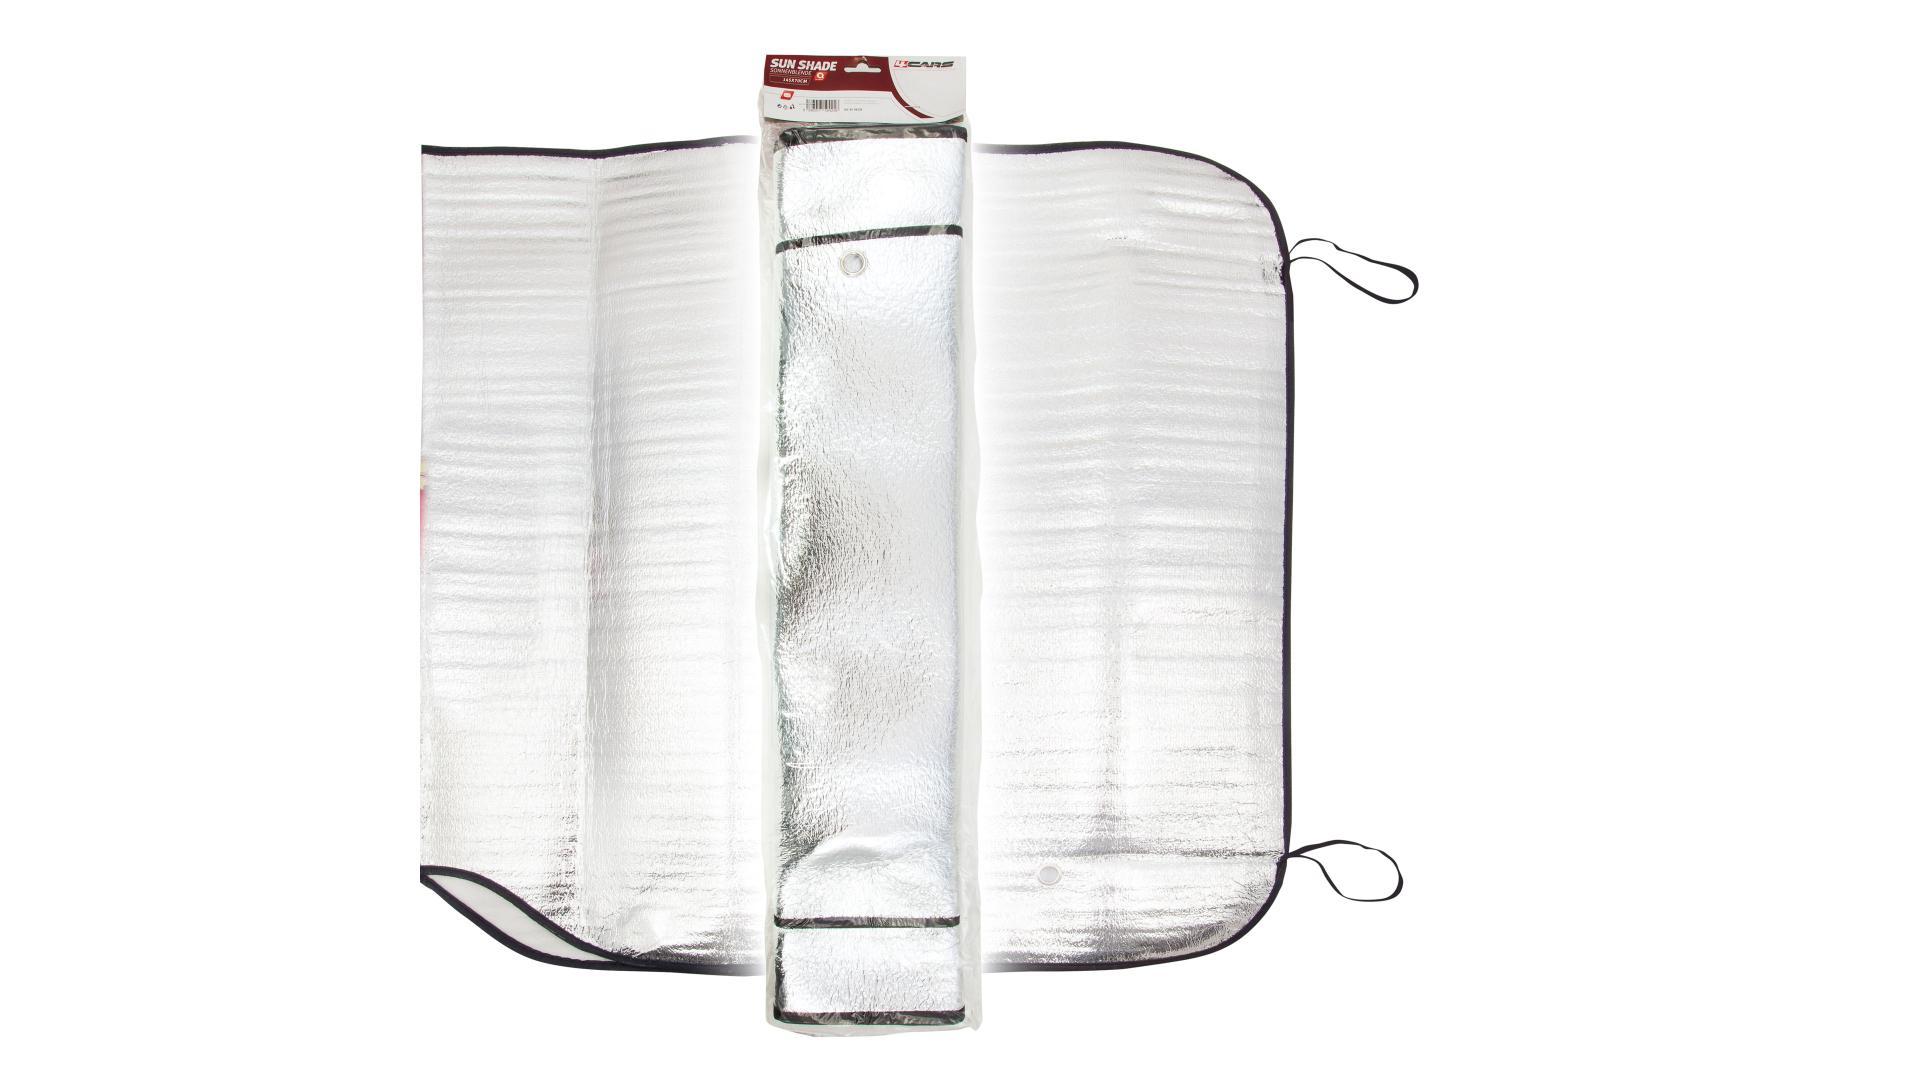 4CARS Clona tepelná přední 145x70cm